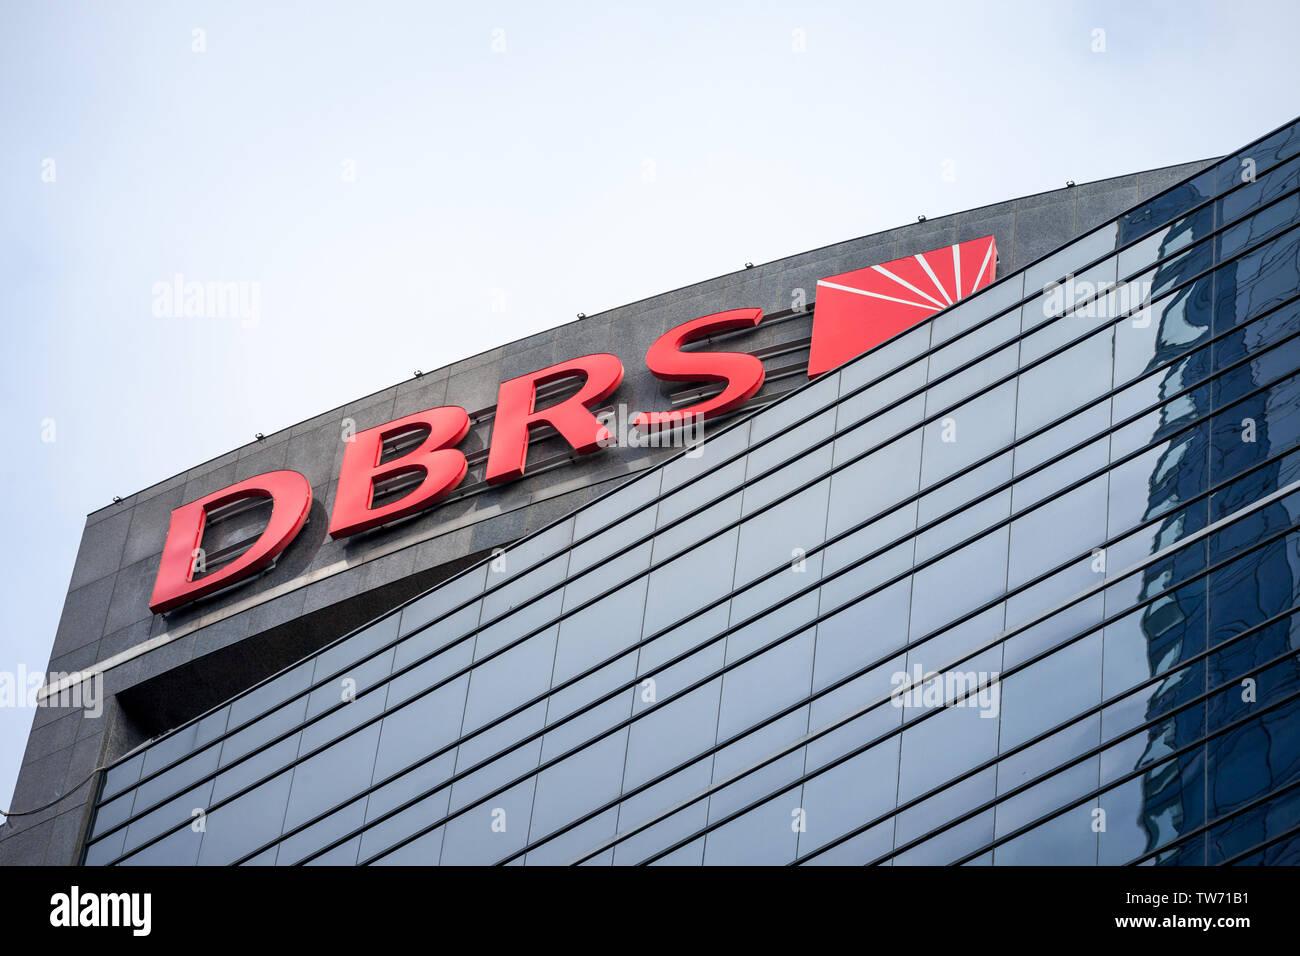 Dbrs Logo Stockfotos und -bilder Kaufen - Alamy